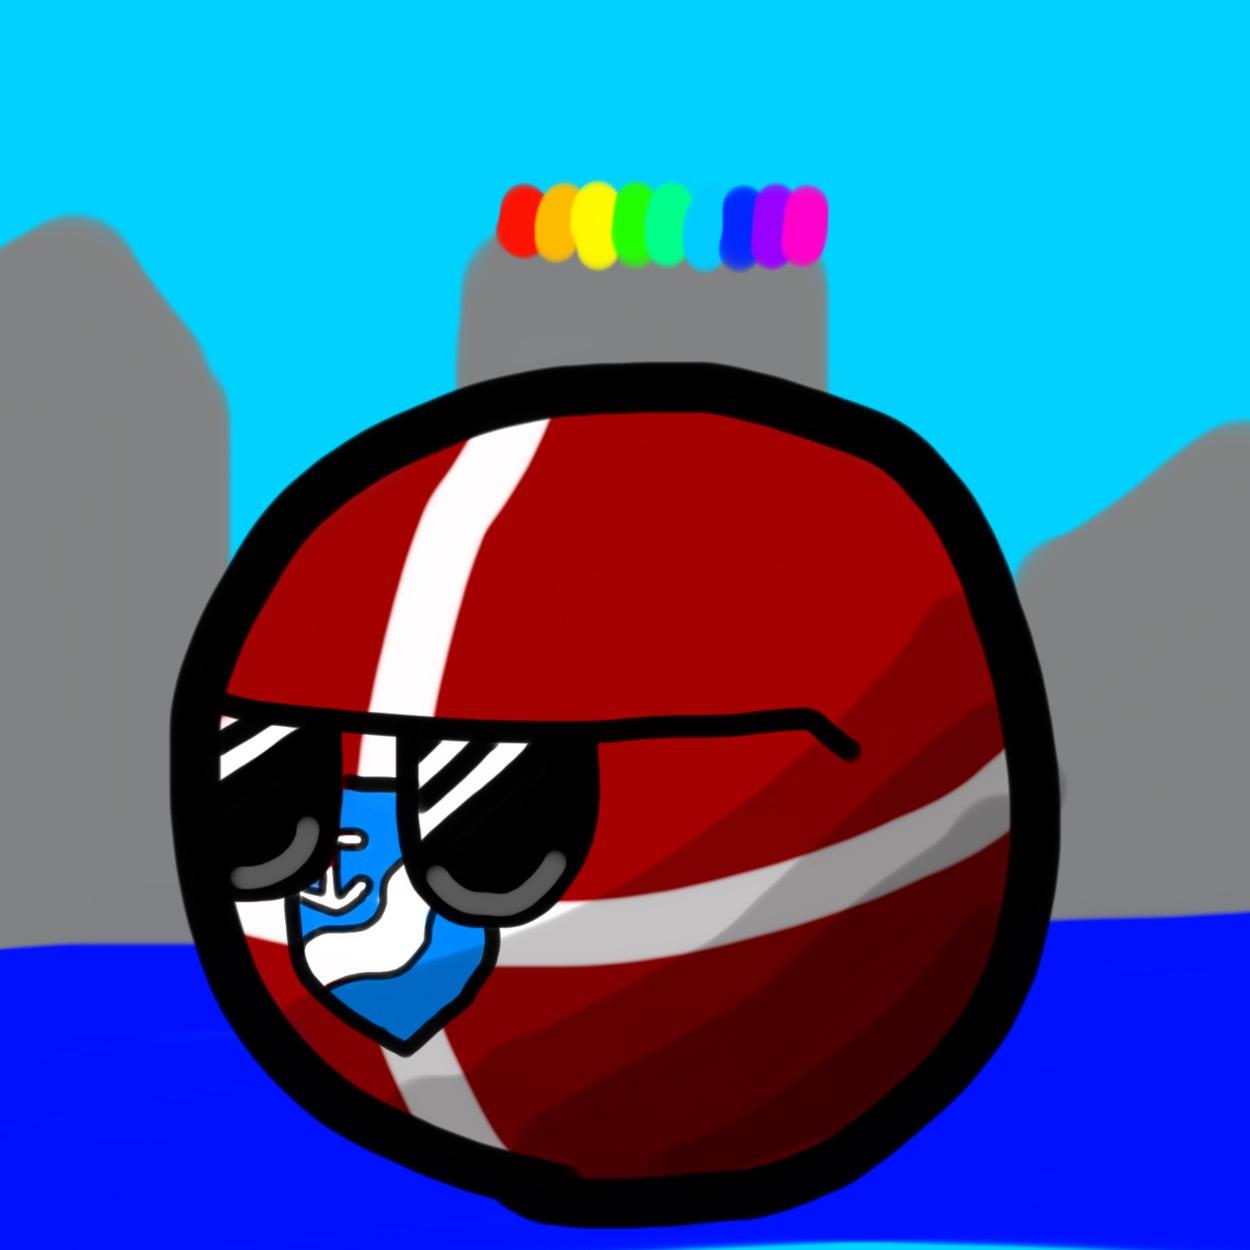 Aarhusball